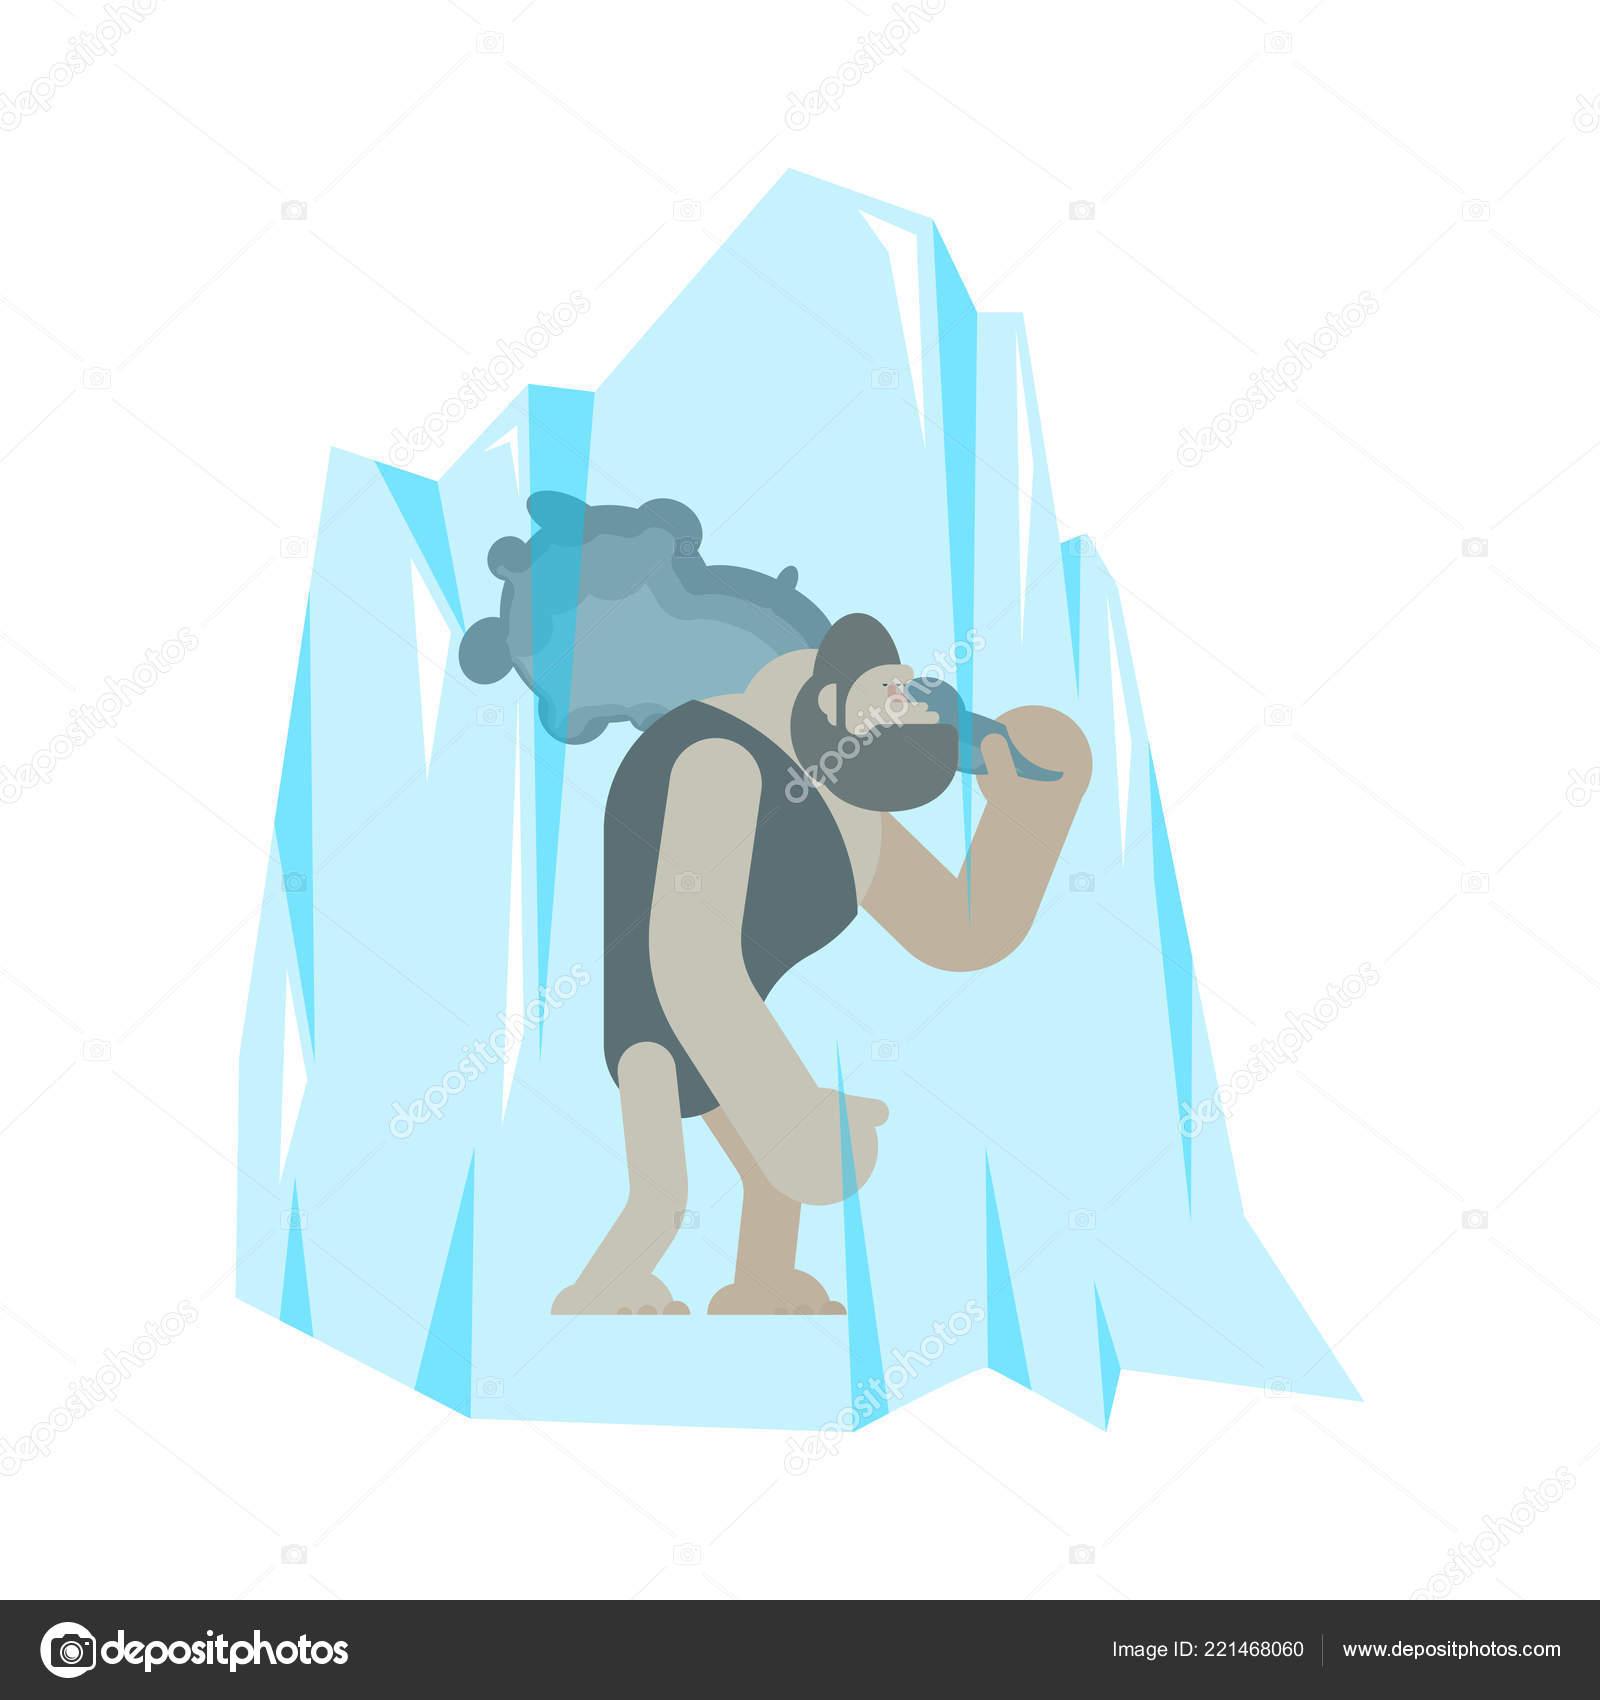 Cavernicolo congelato nel ghiaccio uomo preistorico club antica età